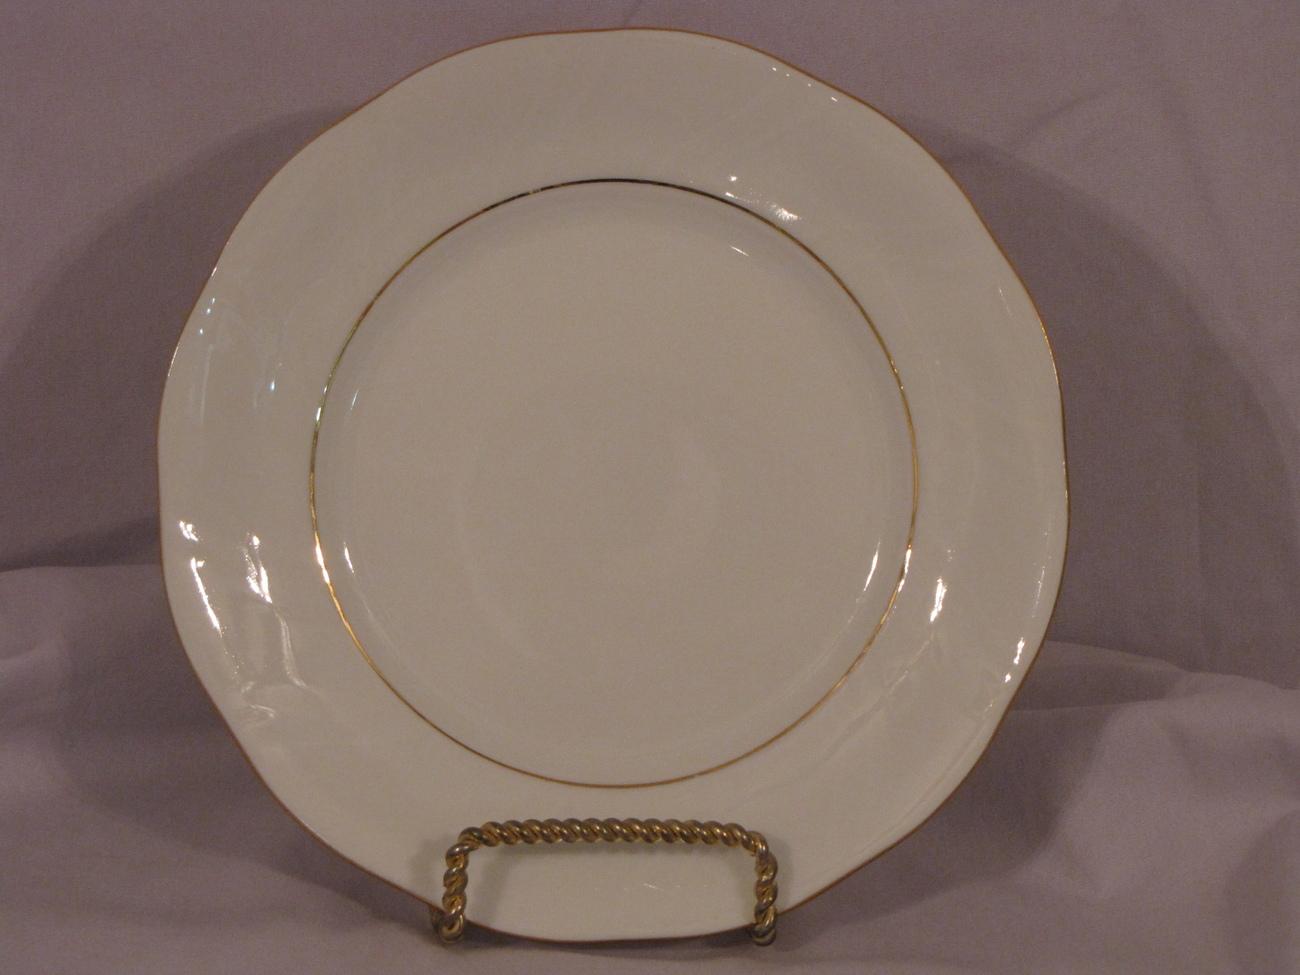 Polish salad plate